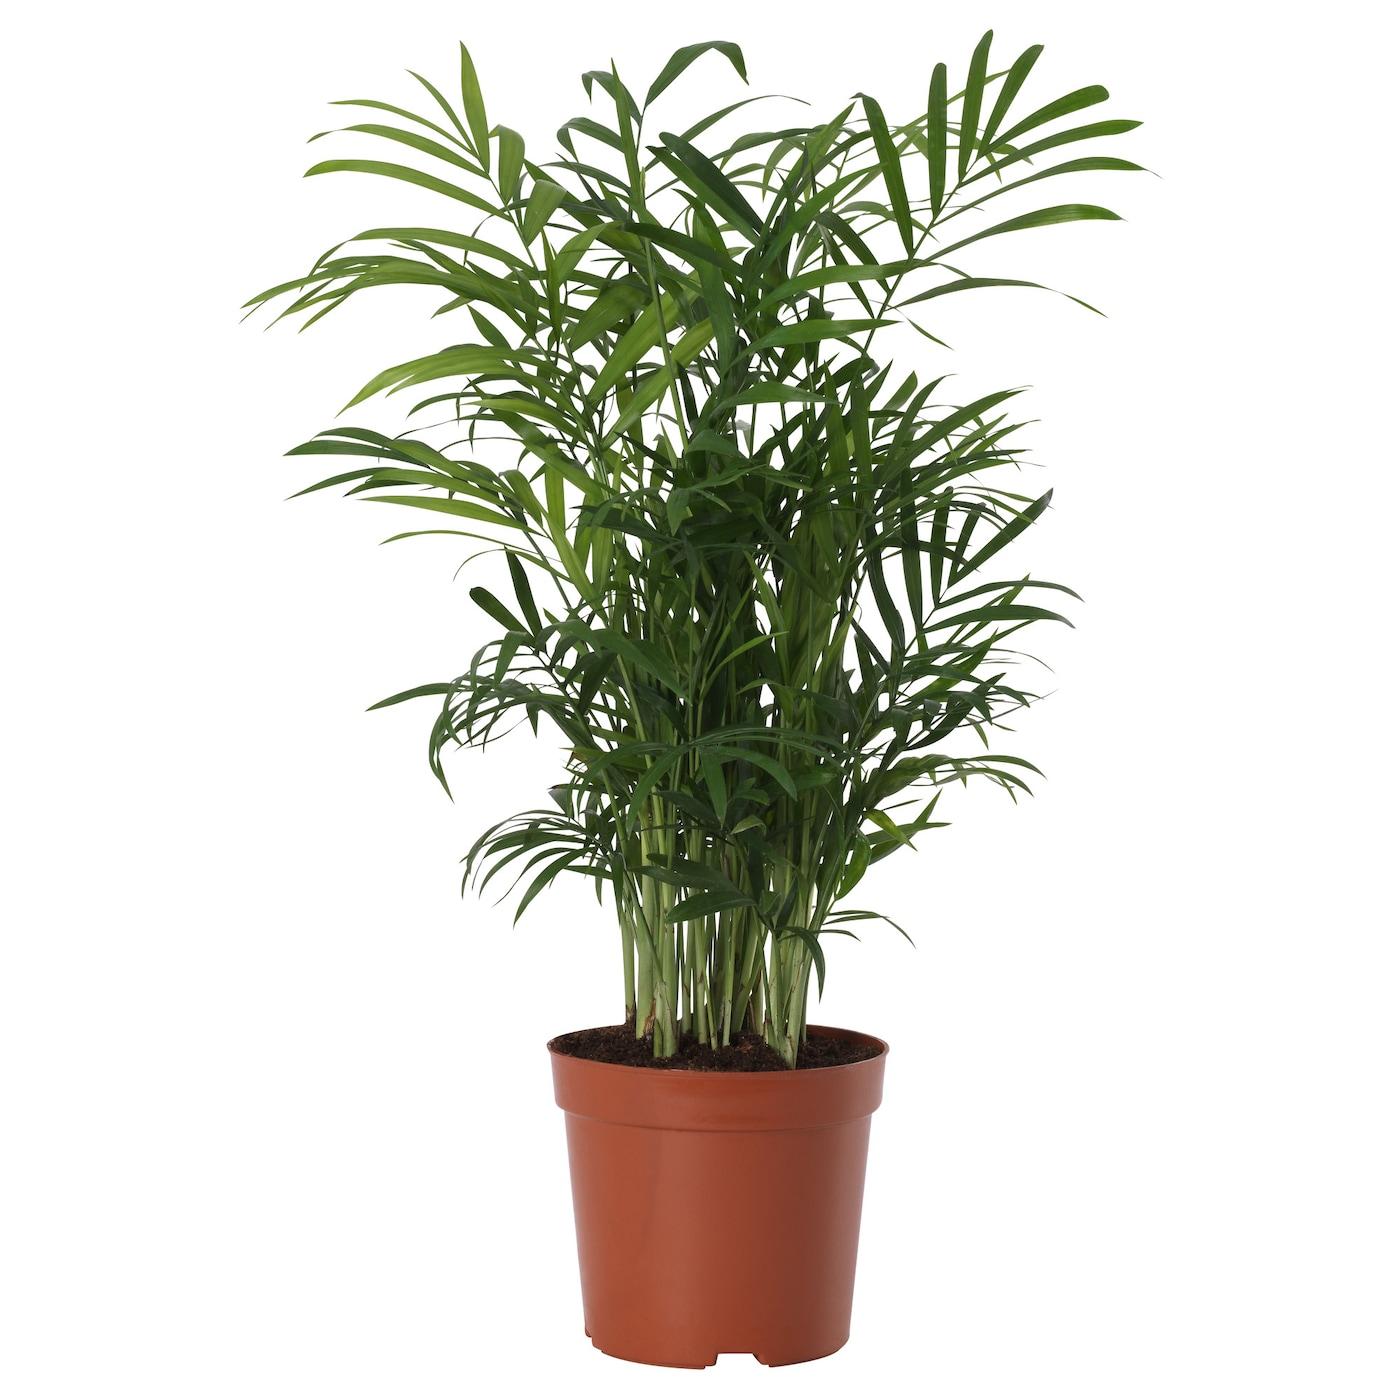 Ikea Chamaedorea Elegans Potted Plant